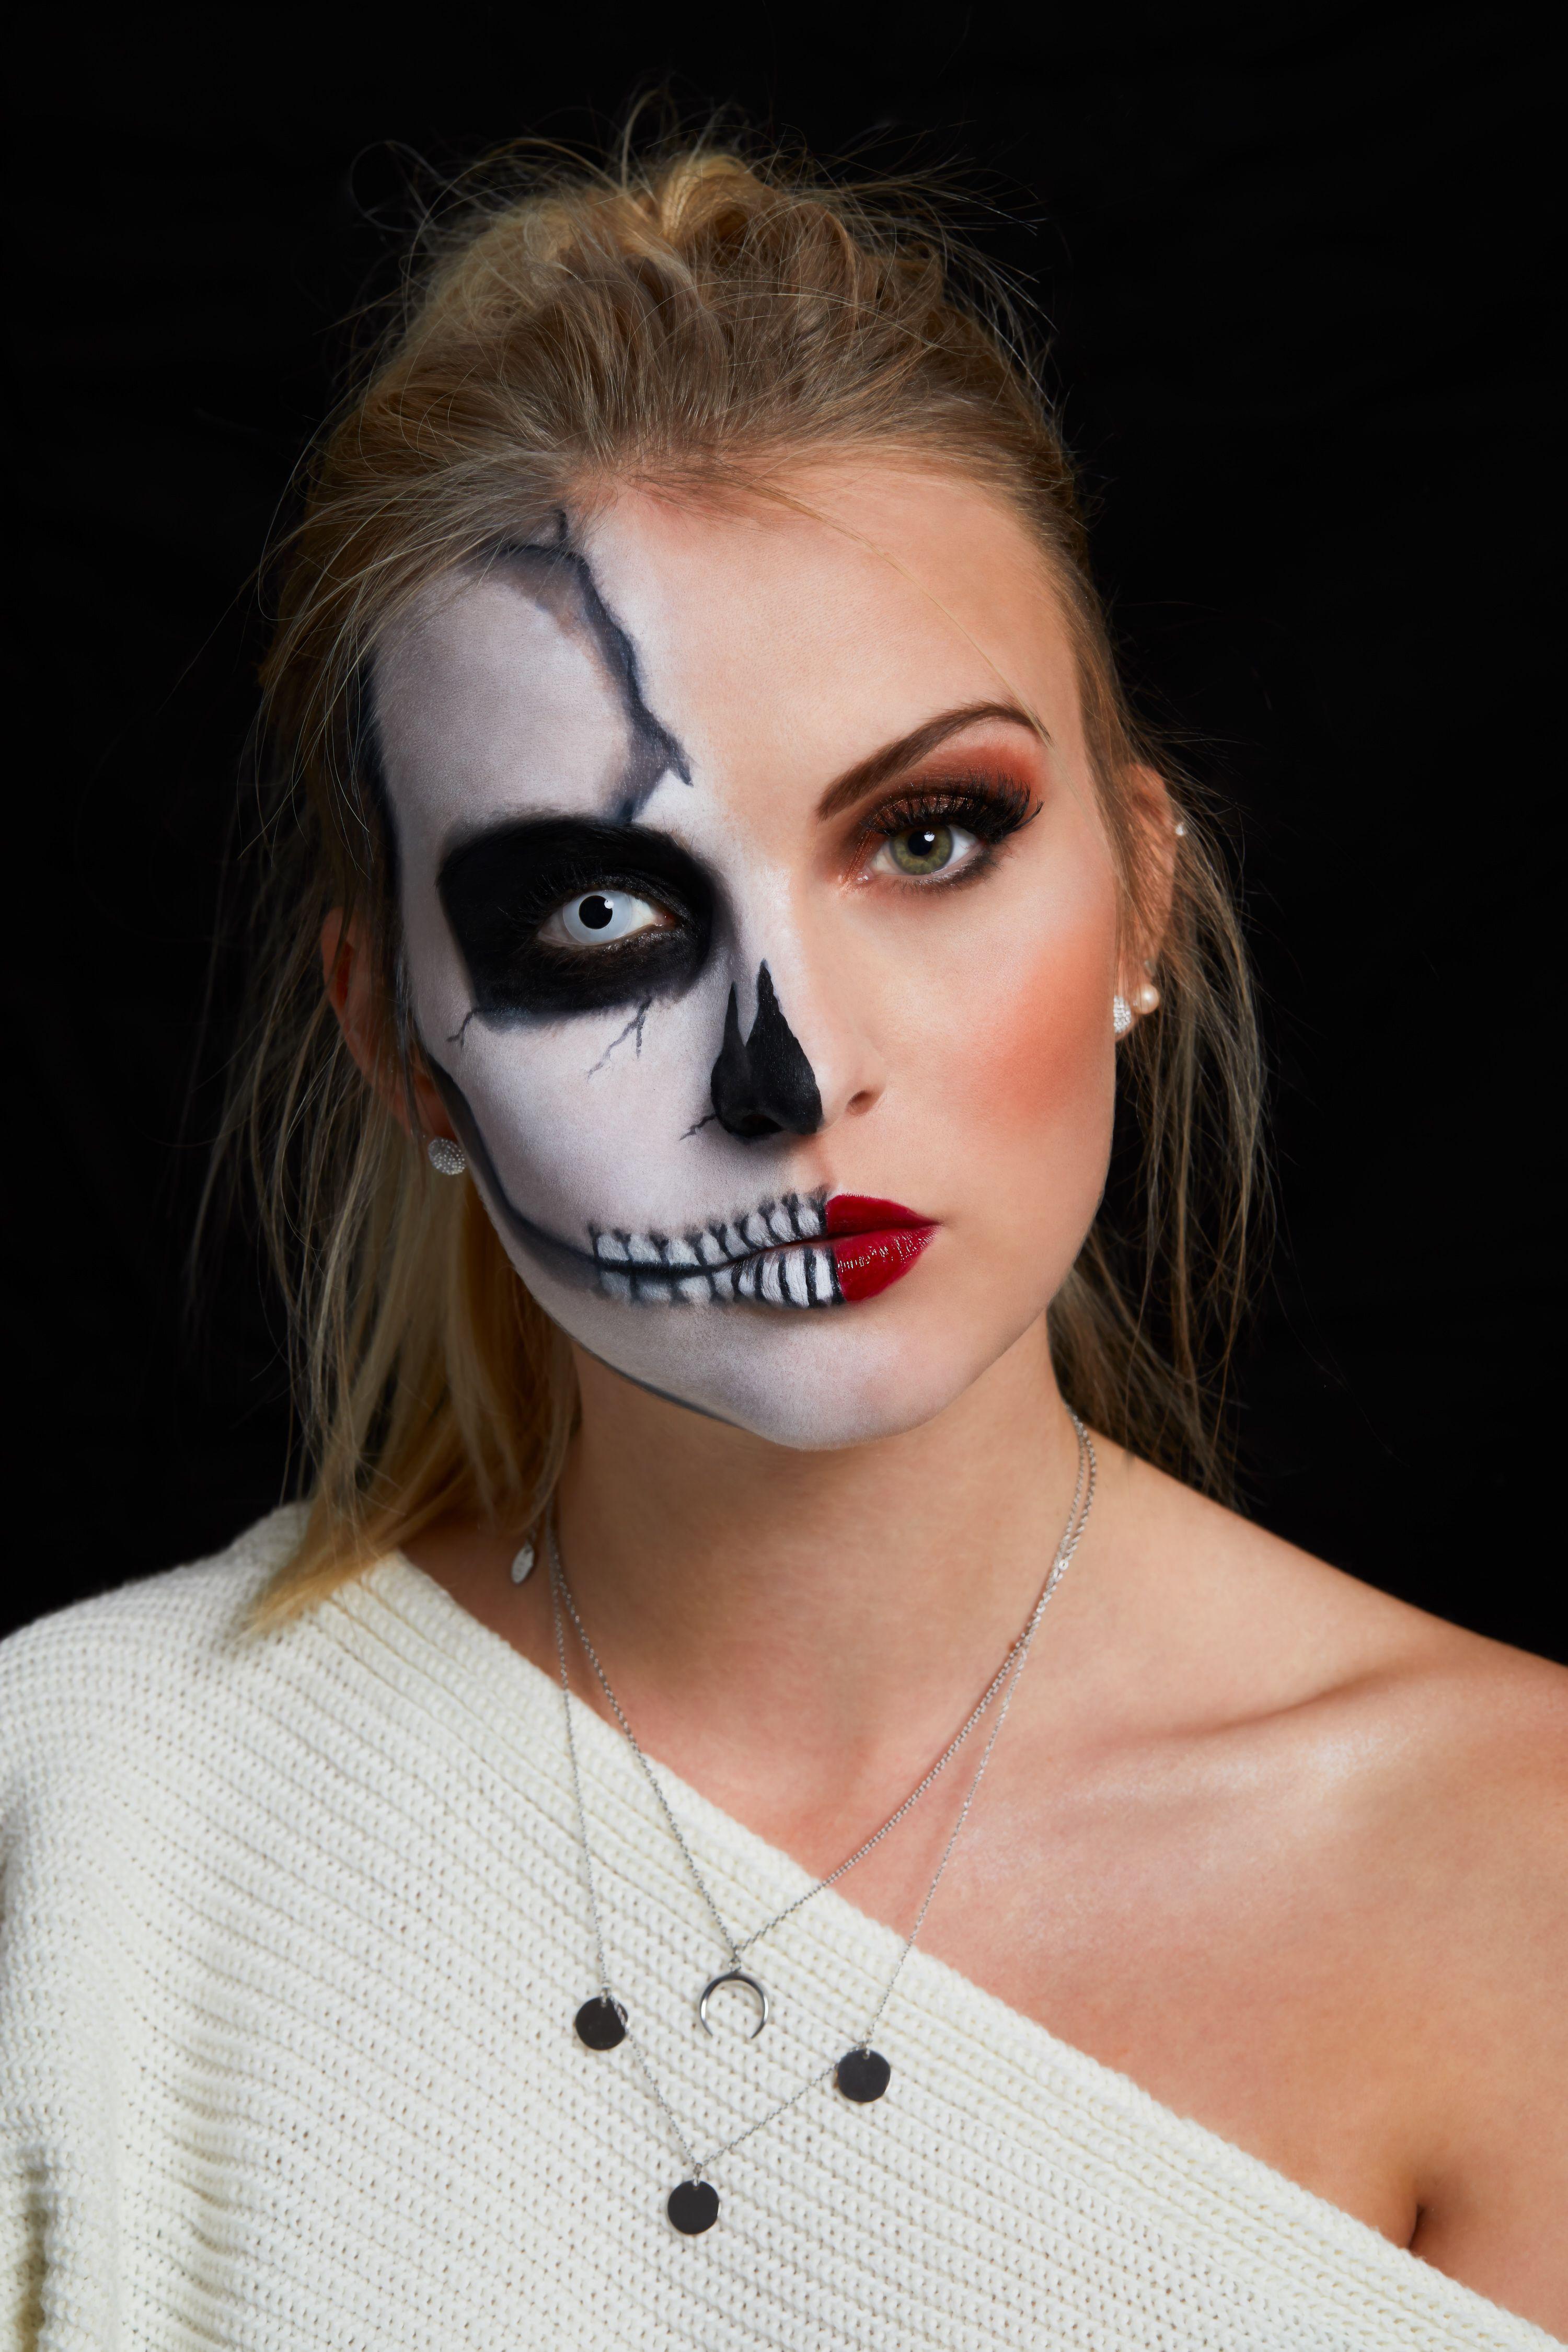 Halloween Schminken Ohne Kostum.Happy Halloween Make Up Idee Katefully Schonheit Wimperntusche Schminken